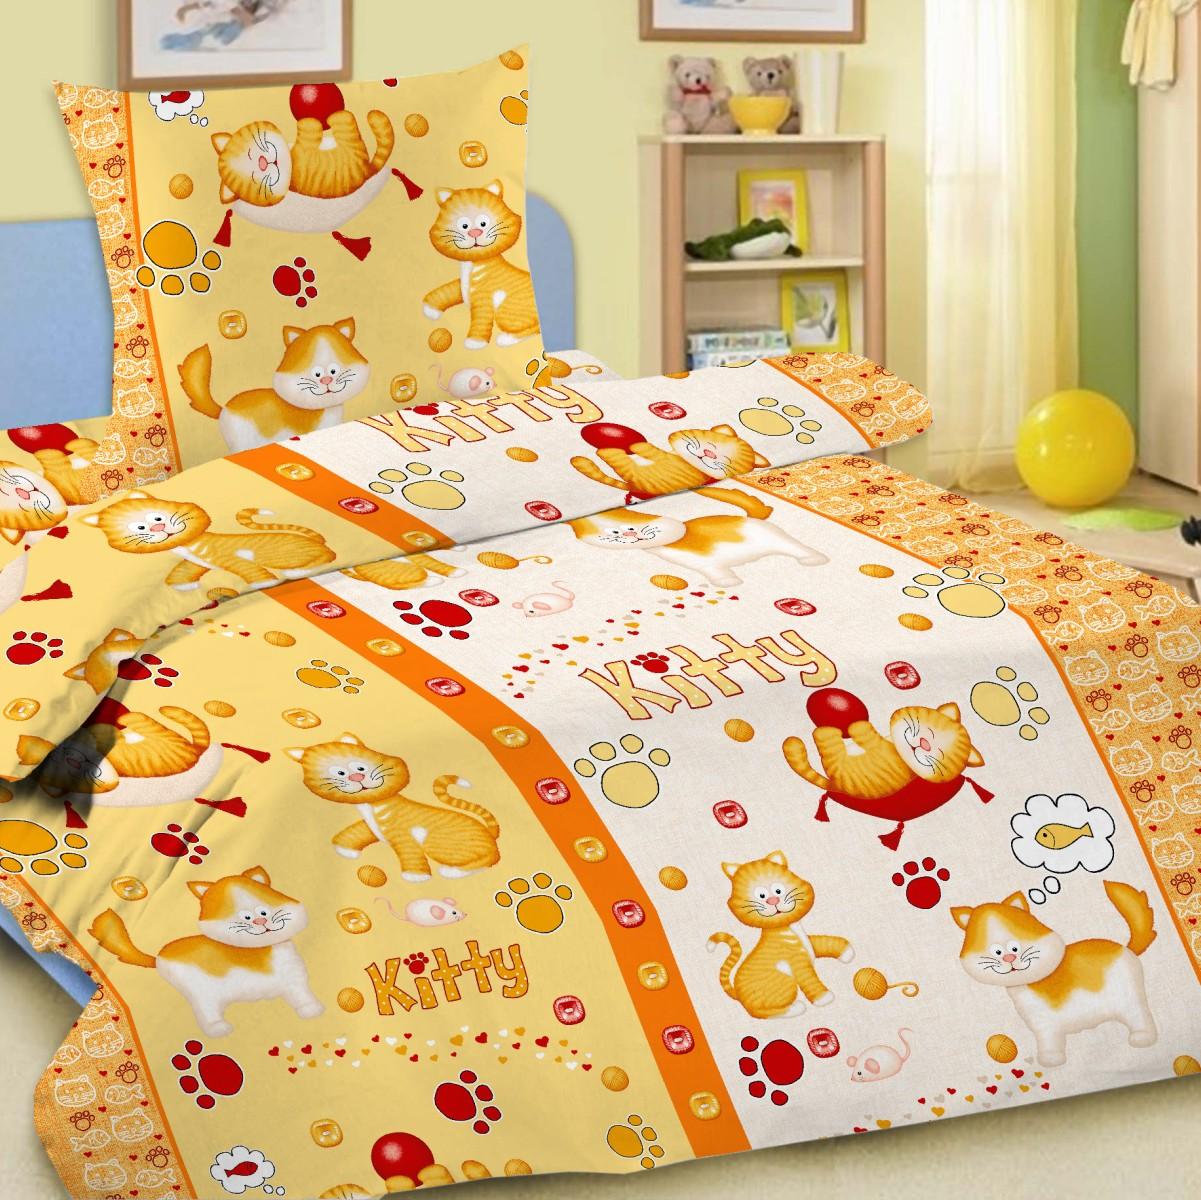 Letto Комплект детского постельного белья Китти цвет желтый